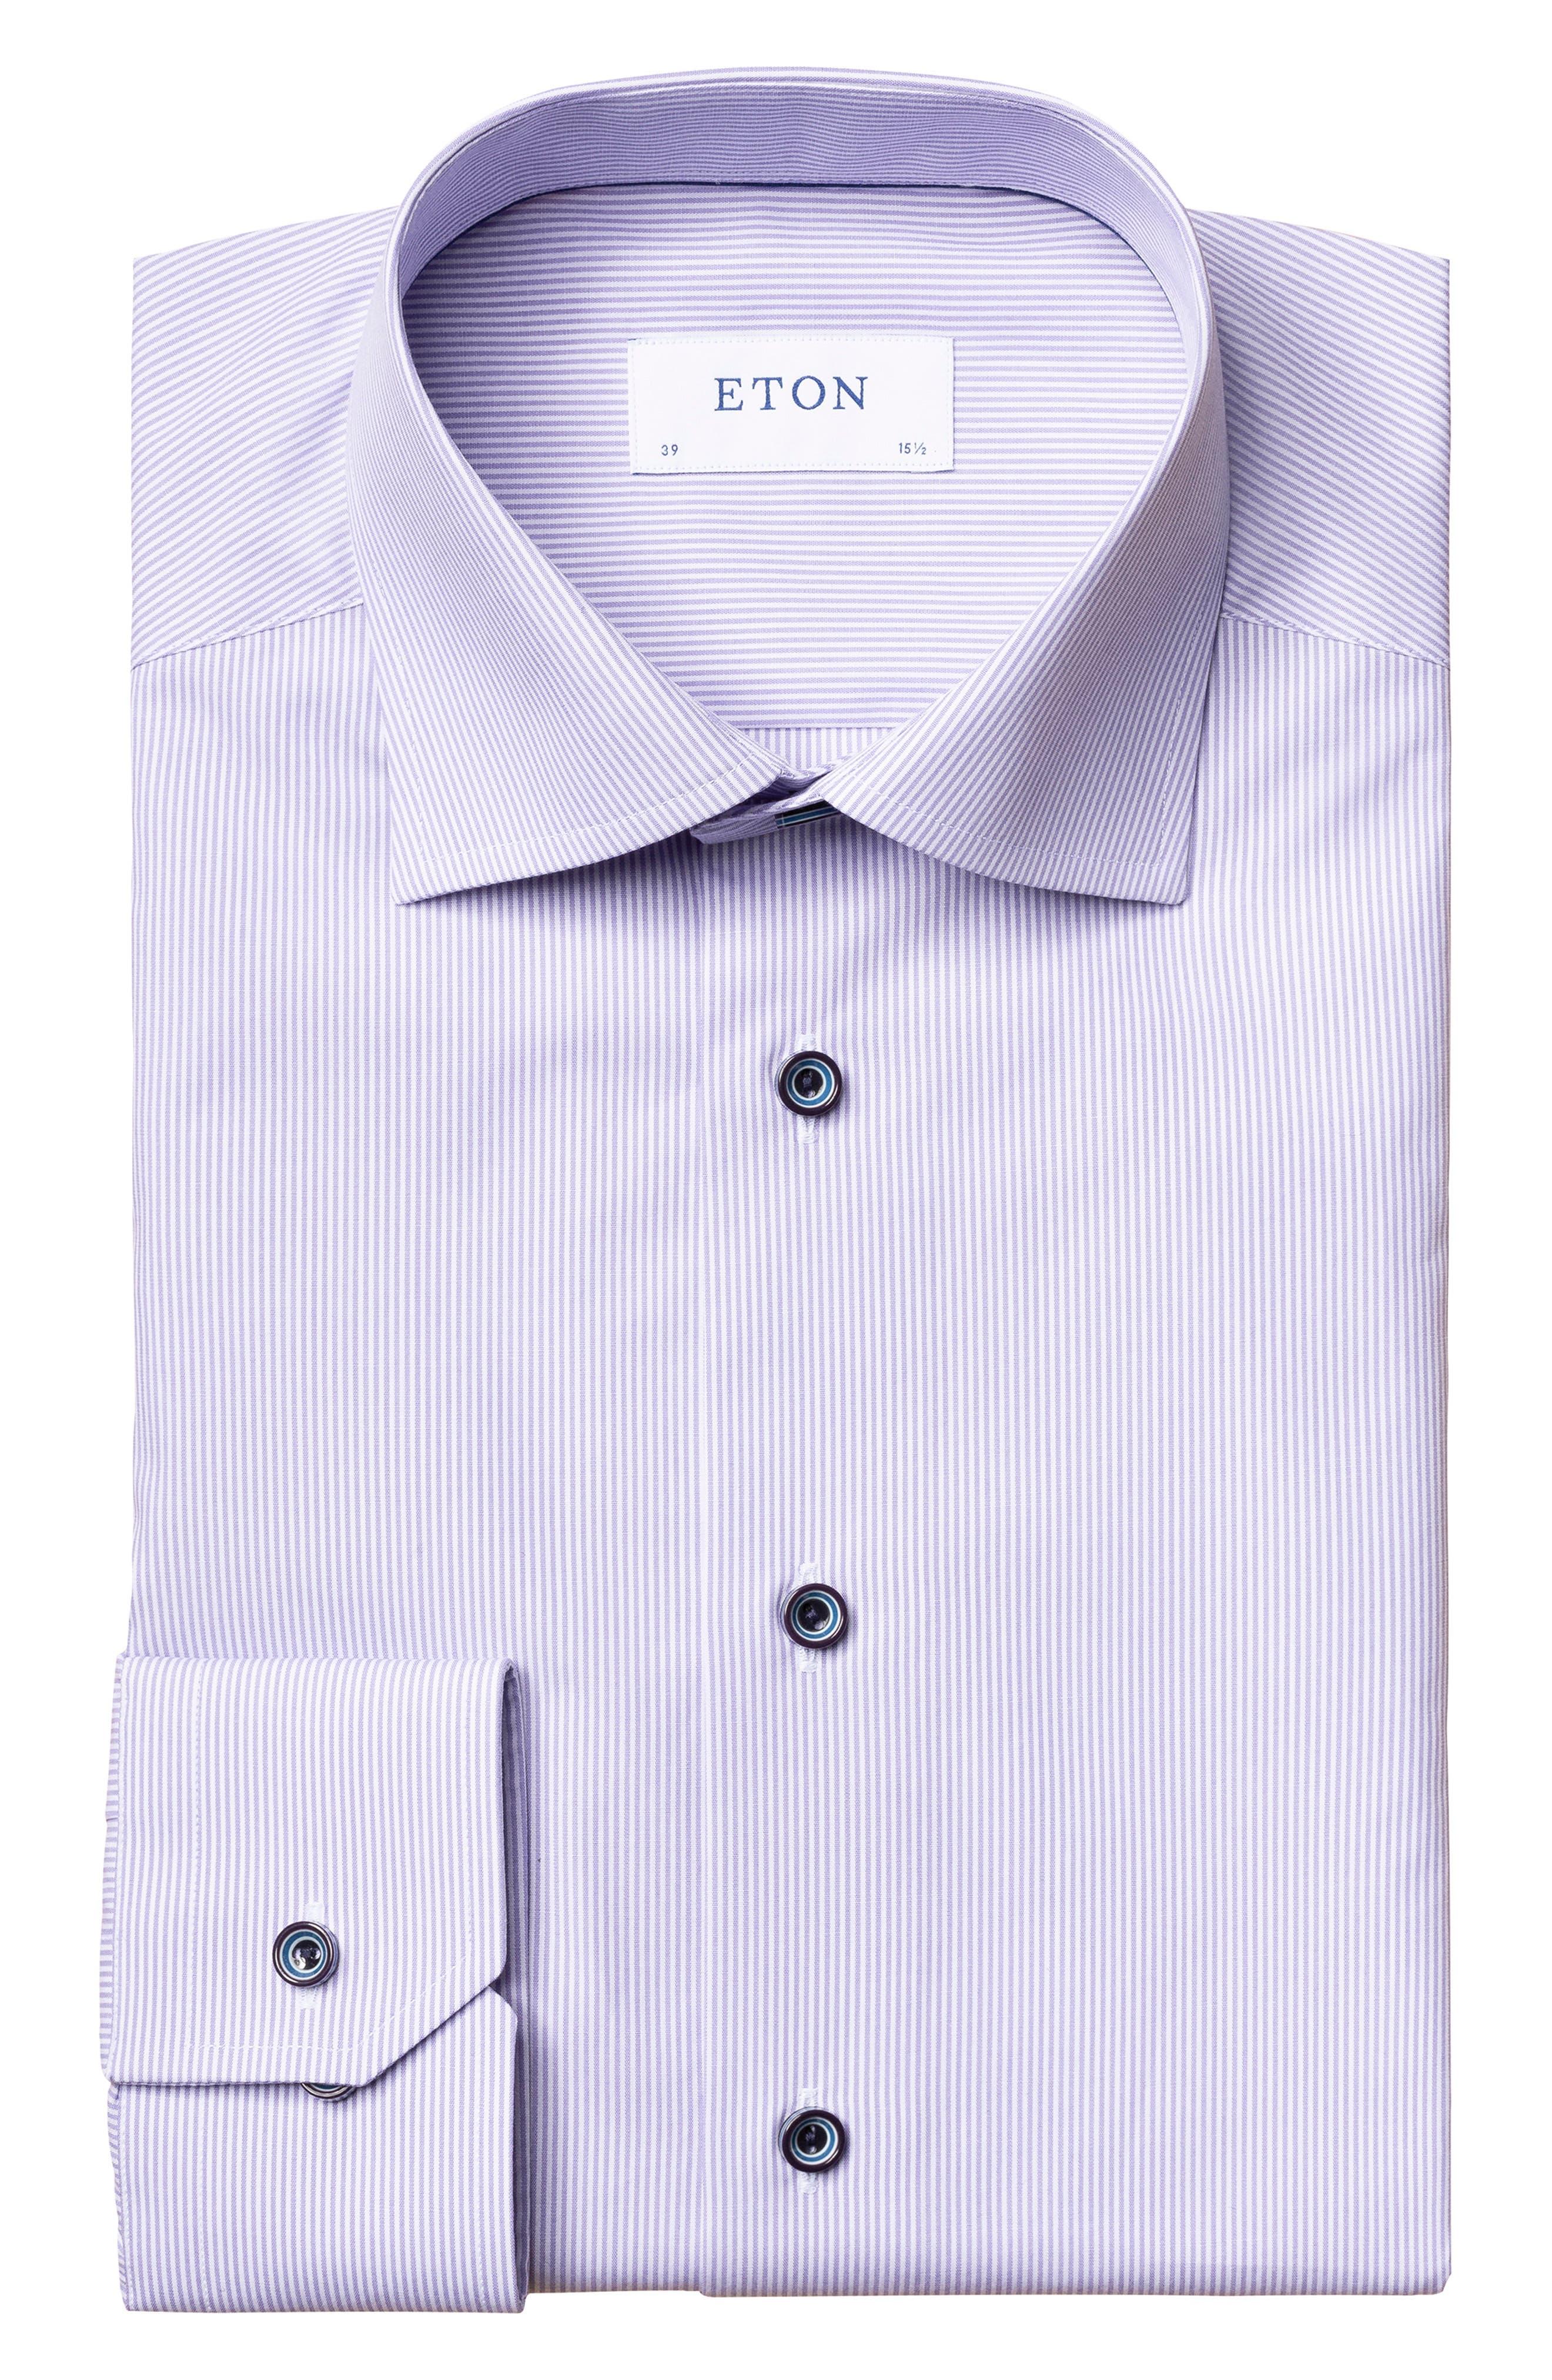 Image of Eton Slim Fit Stripe Fit Shirt